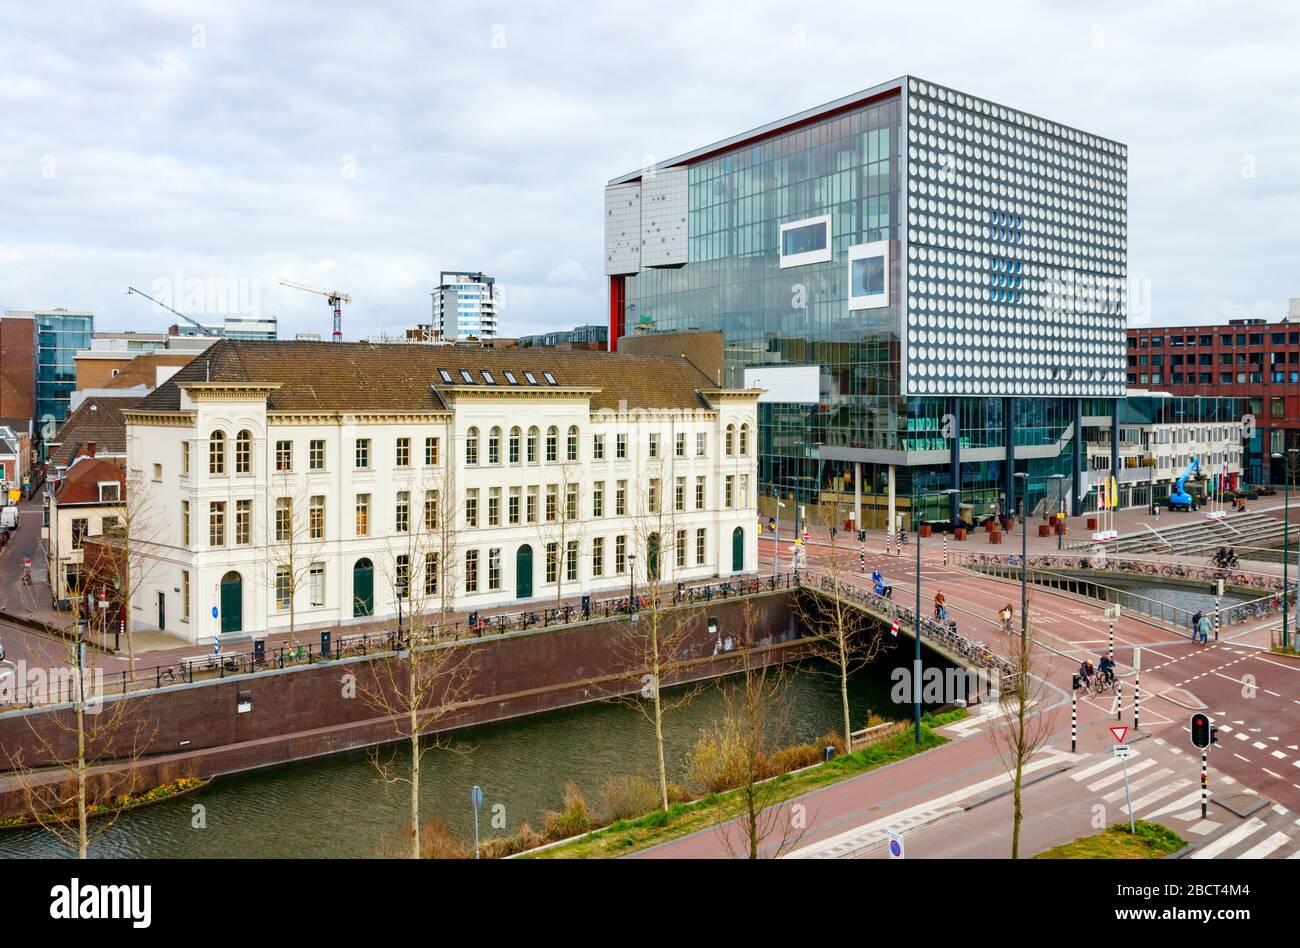 Vista aérea del centro de la ciudad de Utrecht con el teatro musical TivoliVredenburg y el Vinkepand. Catharijnekade, Utrecht, países Bajos. Foto de stock